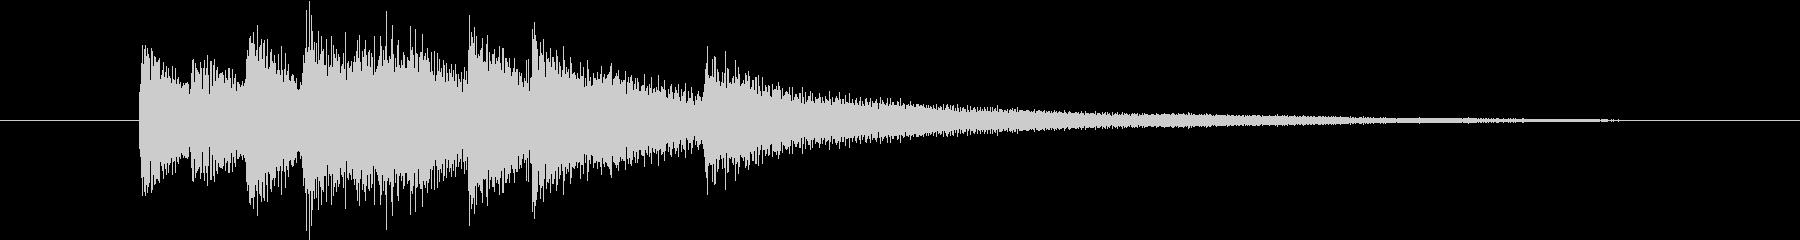 CMや映像に 温かいピアノジングルの未再生の波形